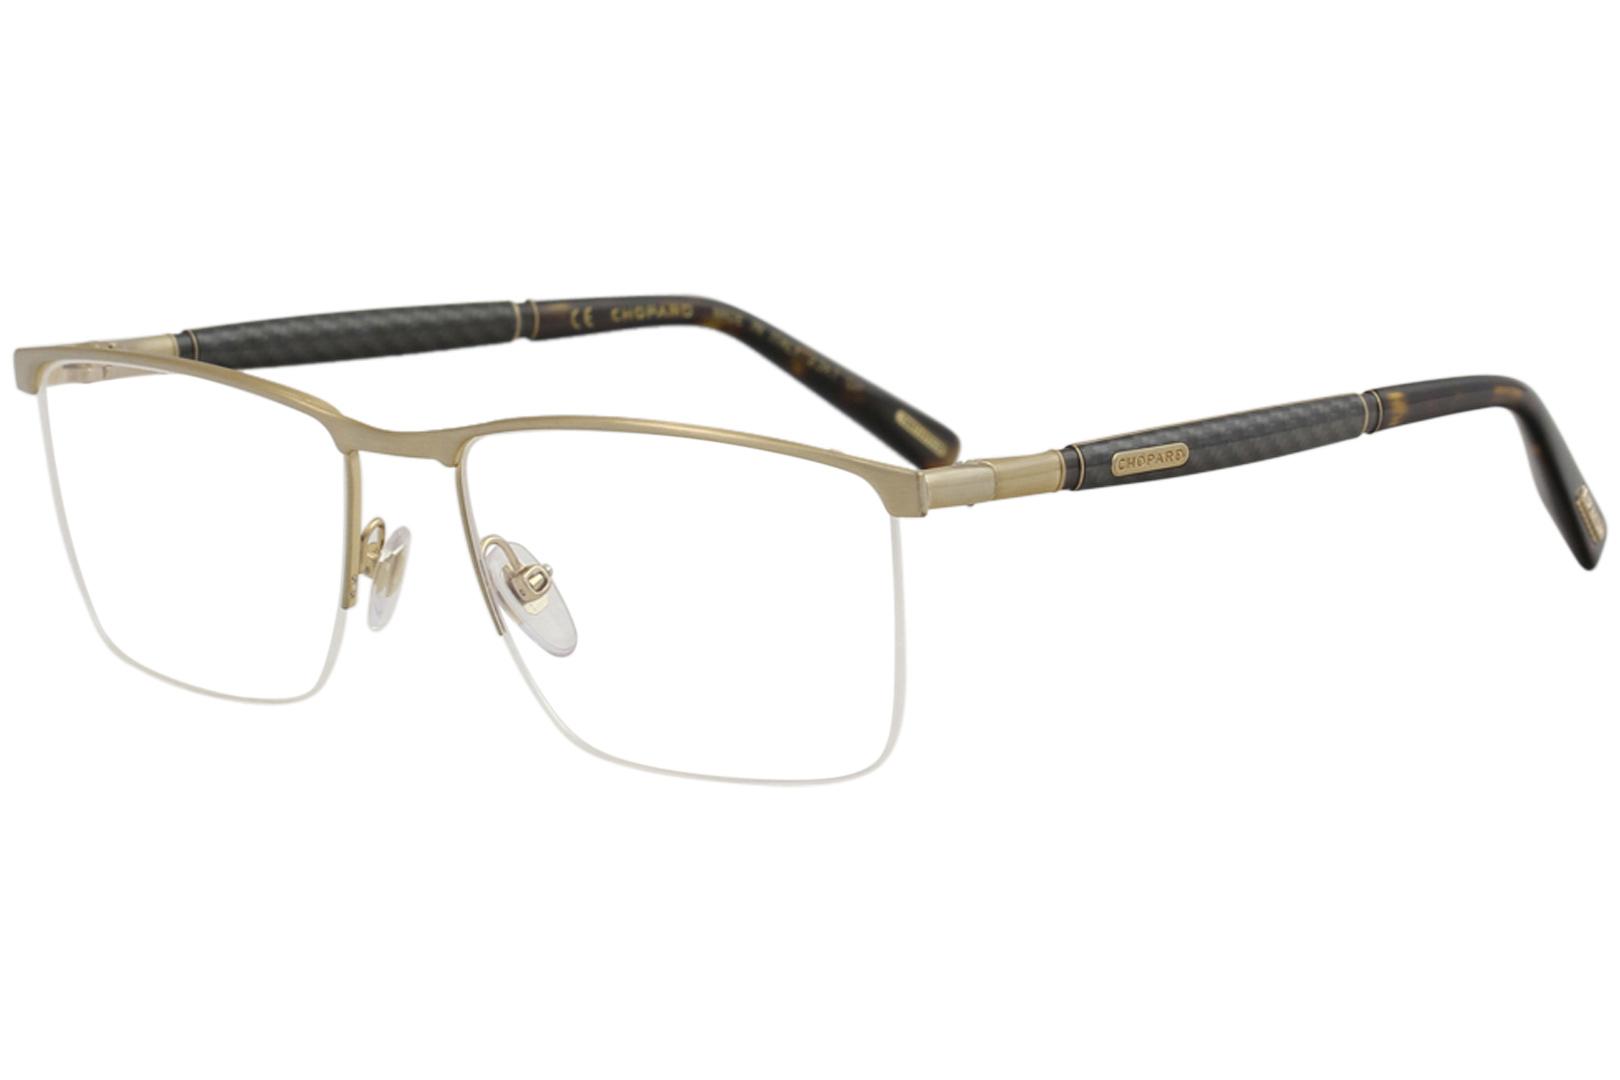 6007b05a37a Chopard Eyeglasses VCHC38 VCH C38 0H22 23K Gold Half Rim Optical ...